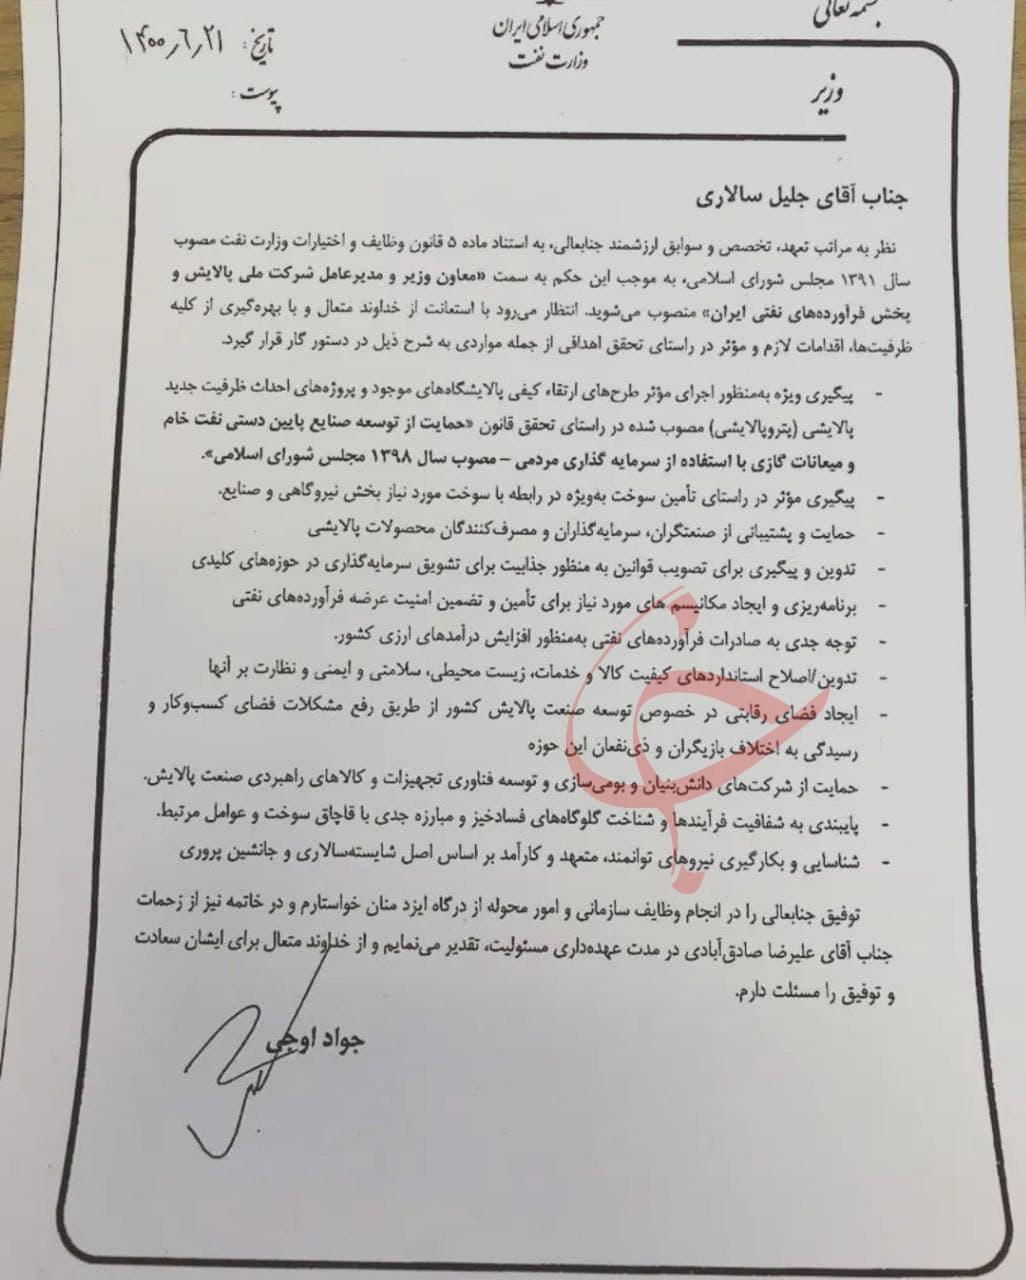 مدیرعامل شرکت ملی پالایش و پخش فرآوردههای نفتی ایران معرفی شد